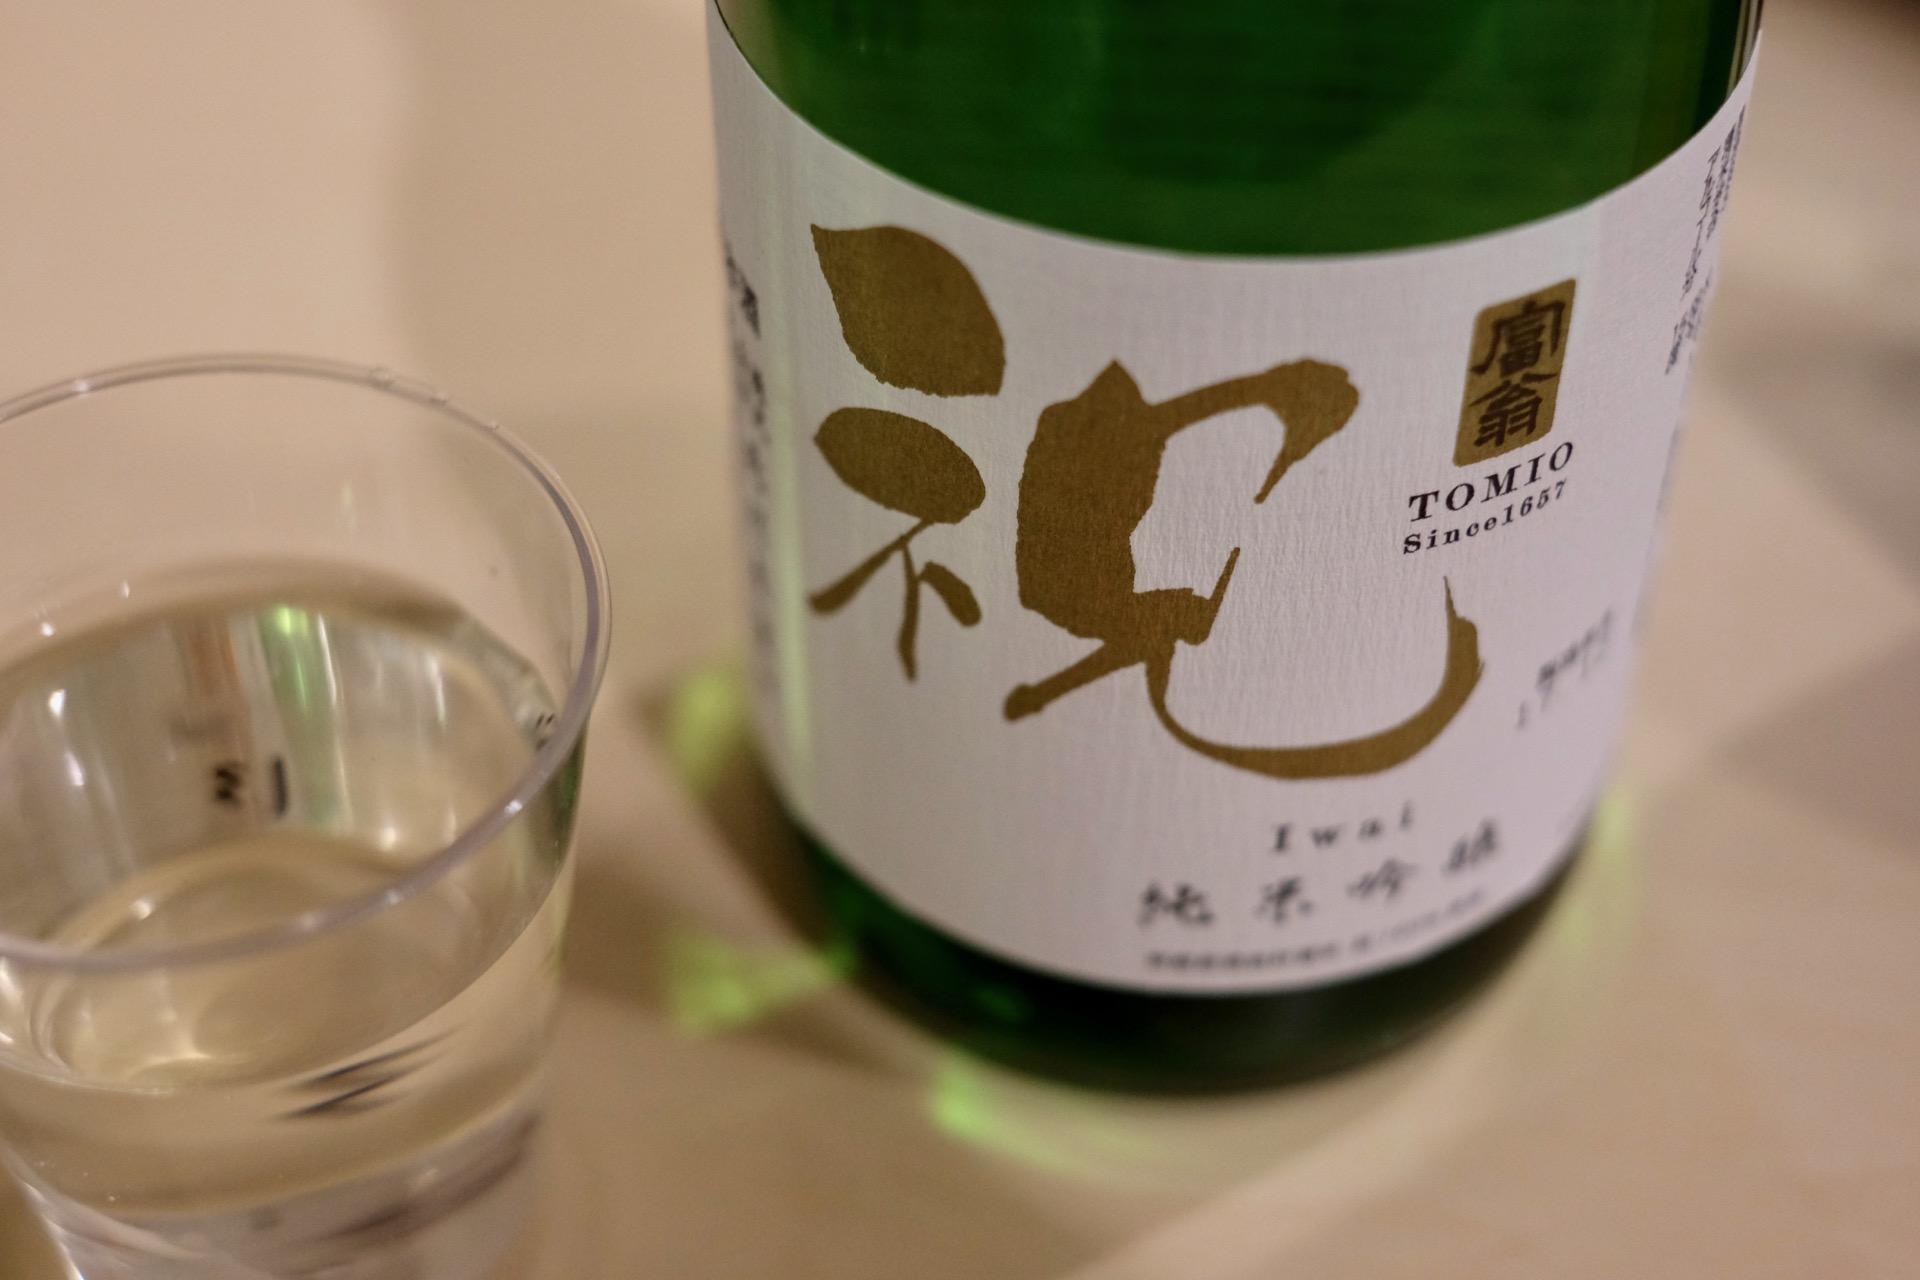 富翁 祝 純米吟醸|日本酒テイスティングノート